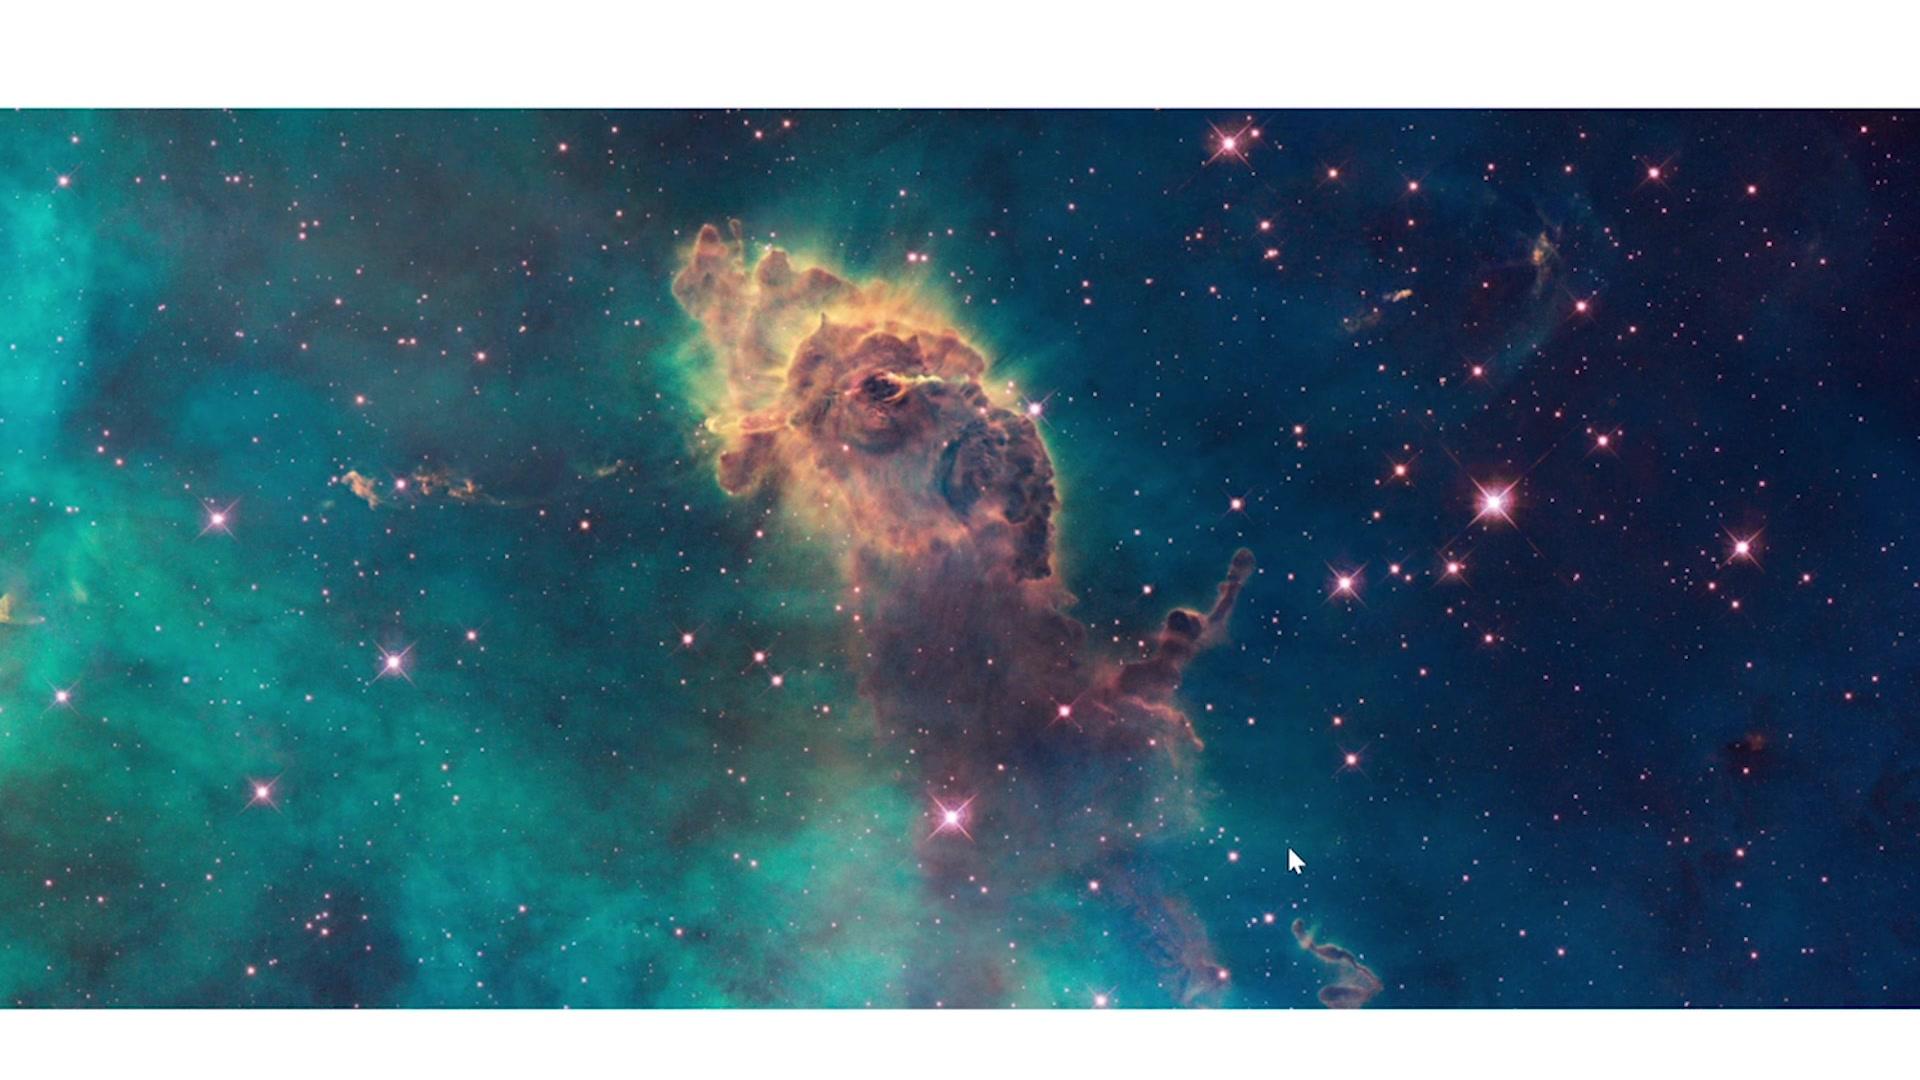 分享下我最最喜欢的星空壁纸 4k下有链接 可自取 哔哩哔哩 つロ干杯 Bilibili